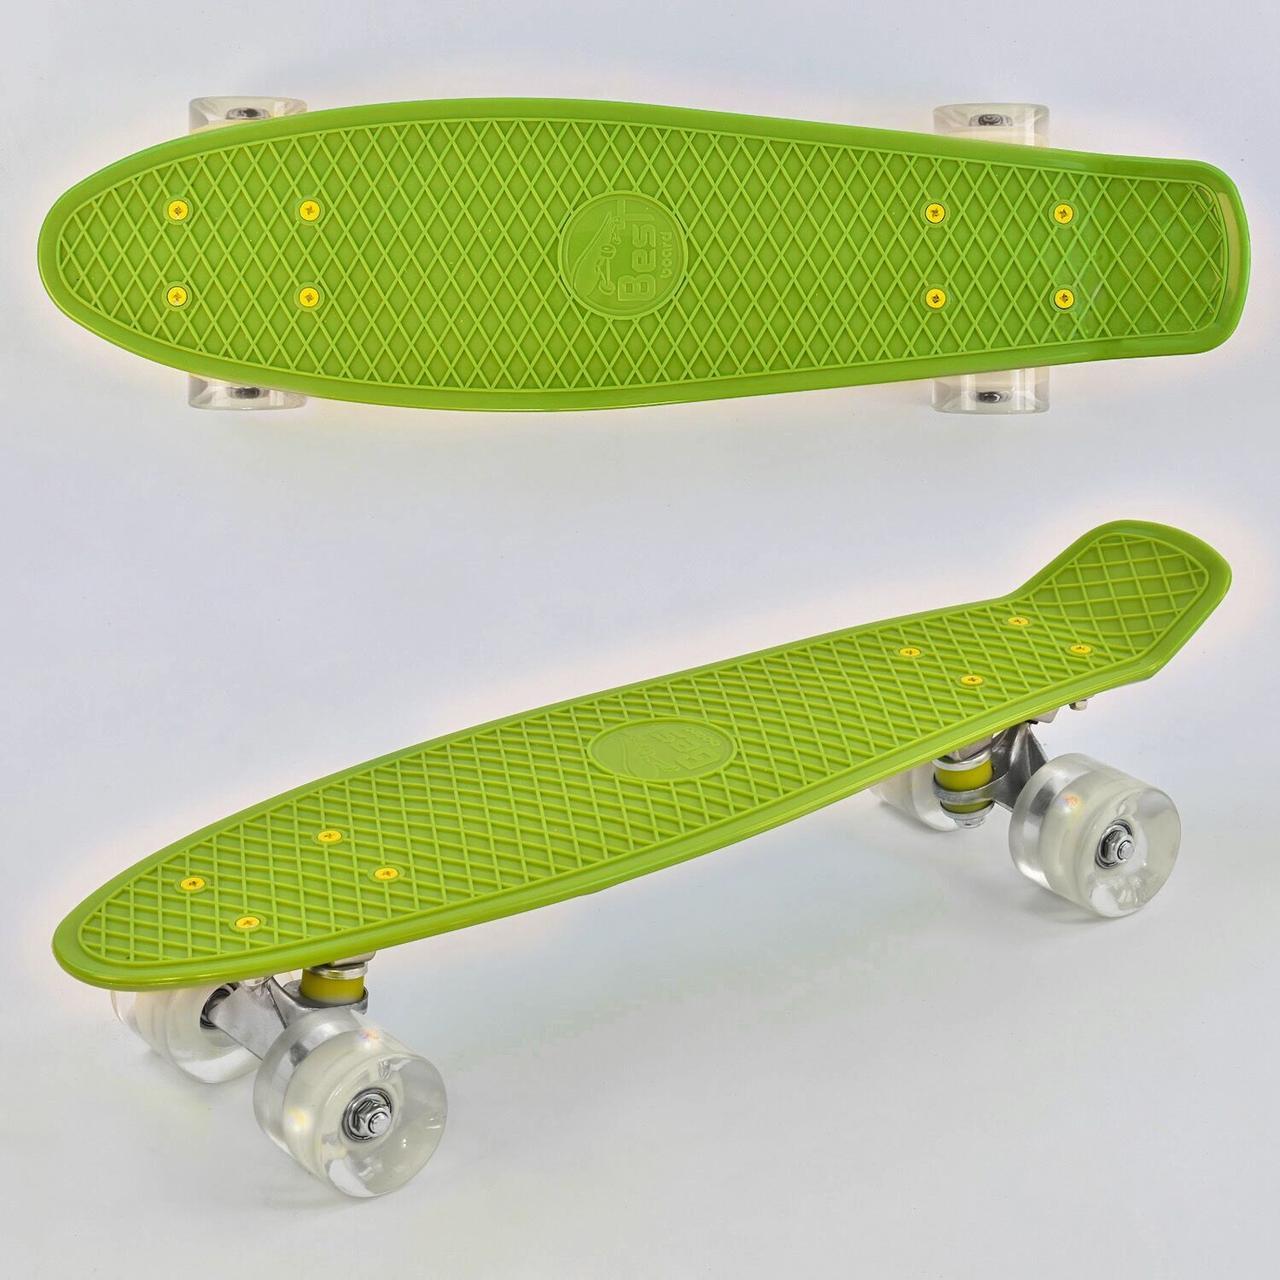 Скейт Пенни борд с светящиеся колёса Пенни борд Скейт детский Скейтборд детский